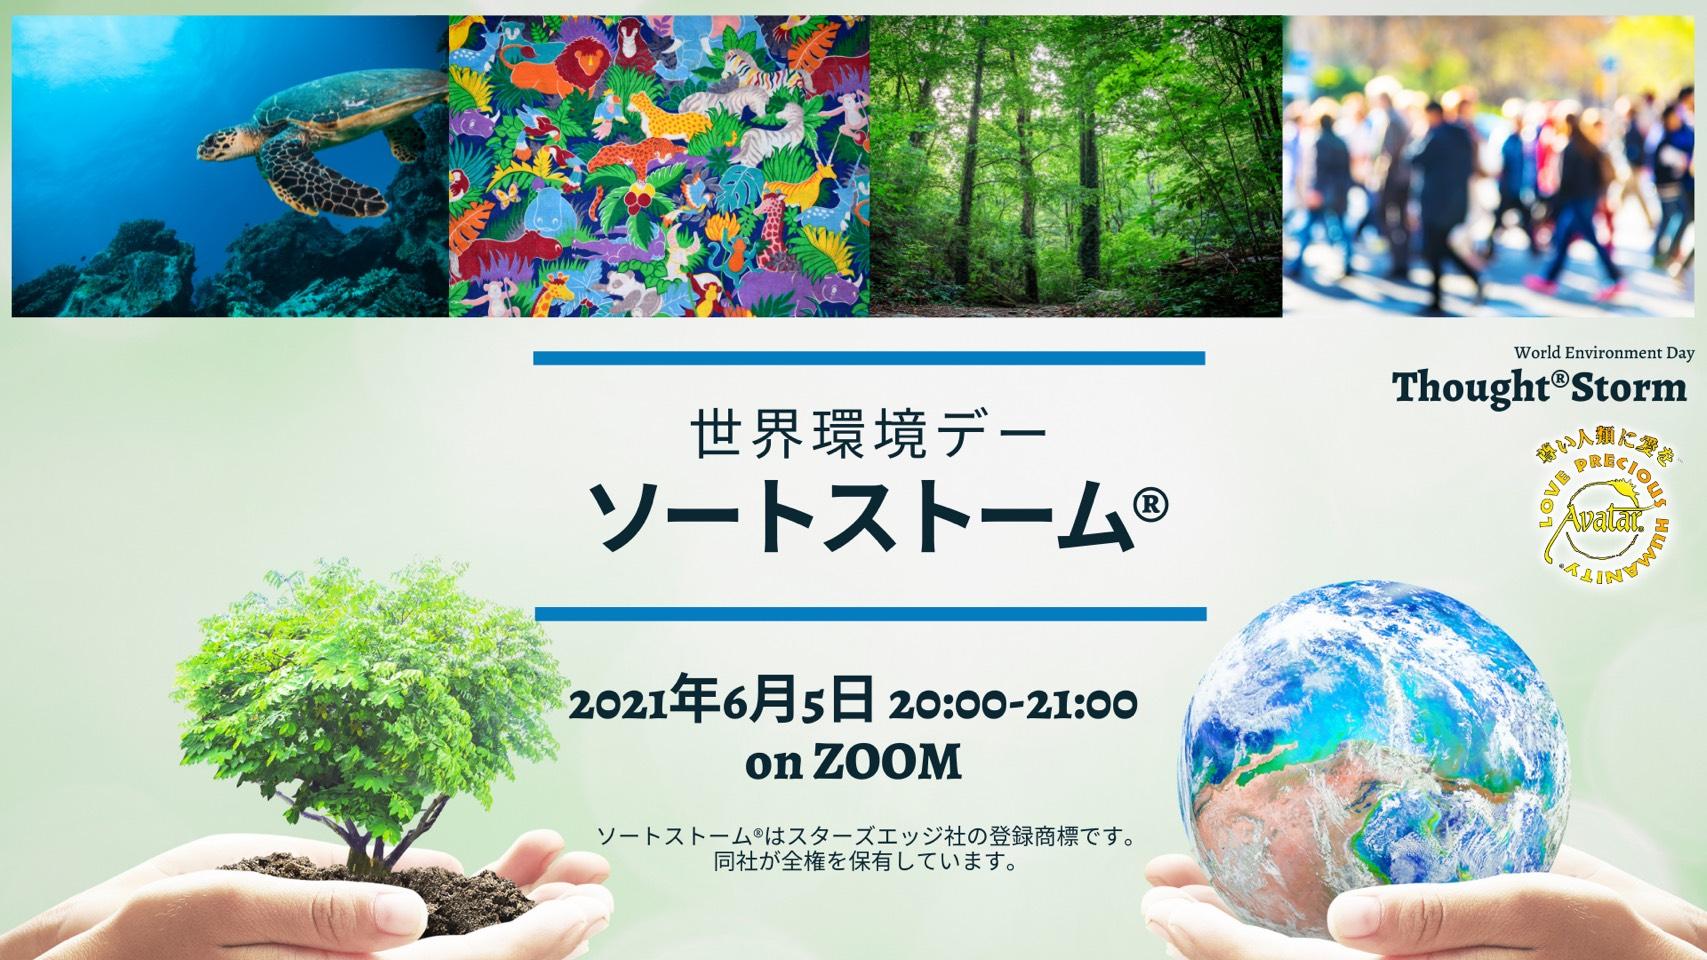 6月5日 世界環境デー